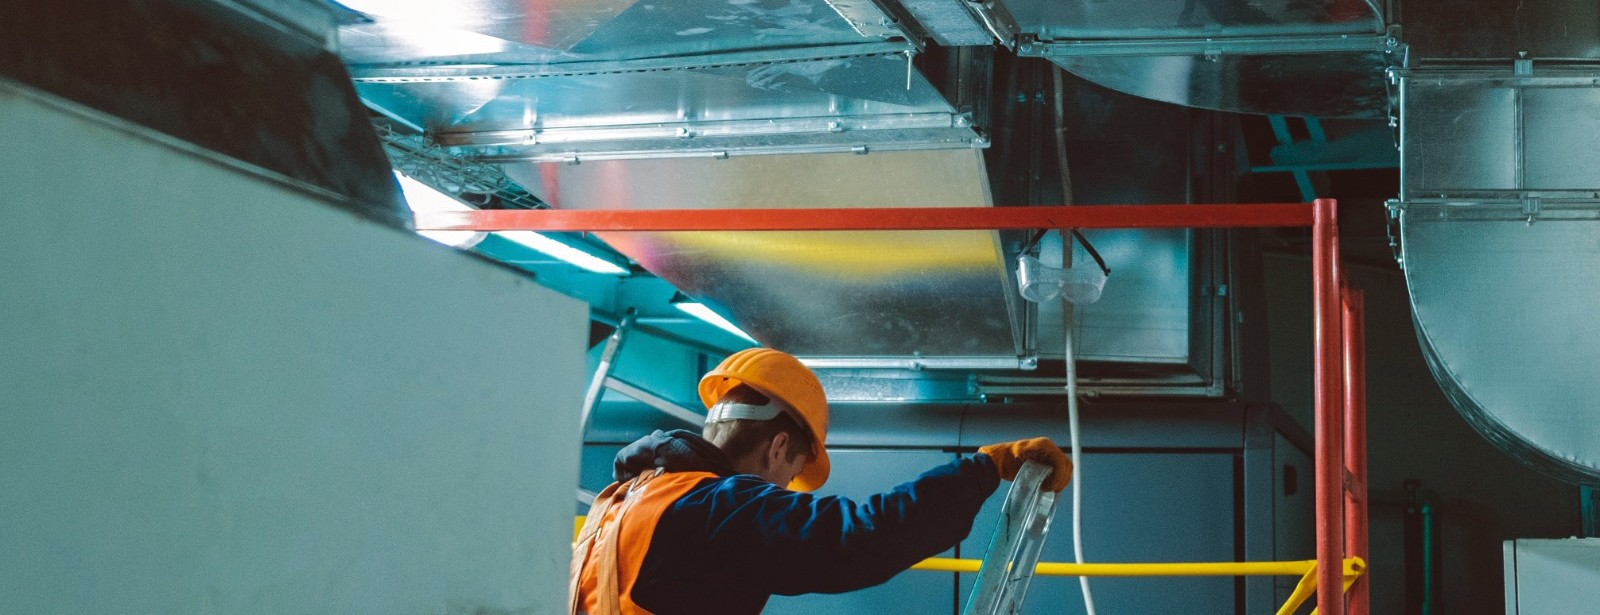 Ventilatie industriala